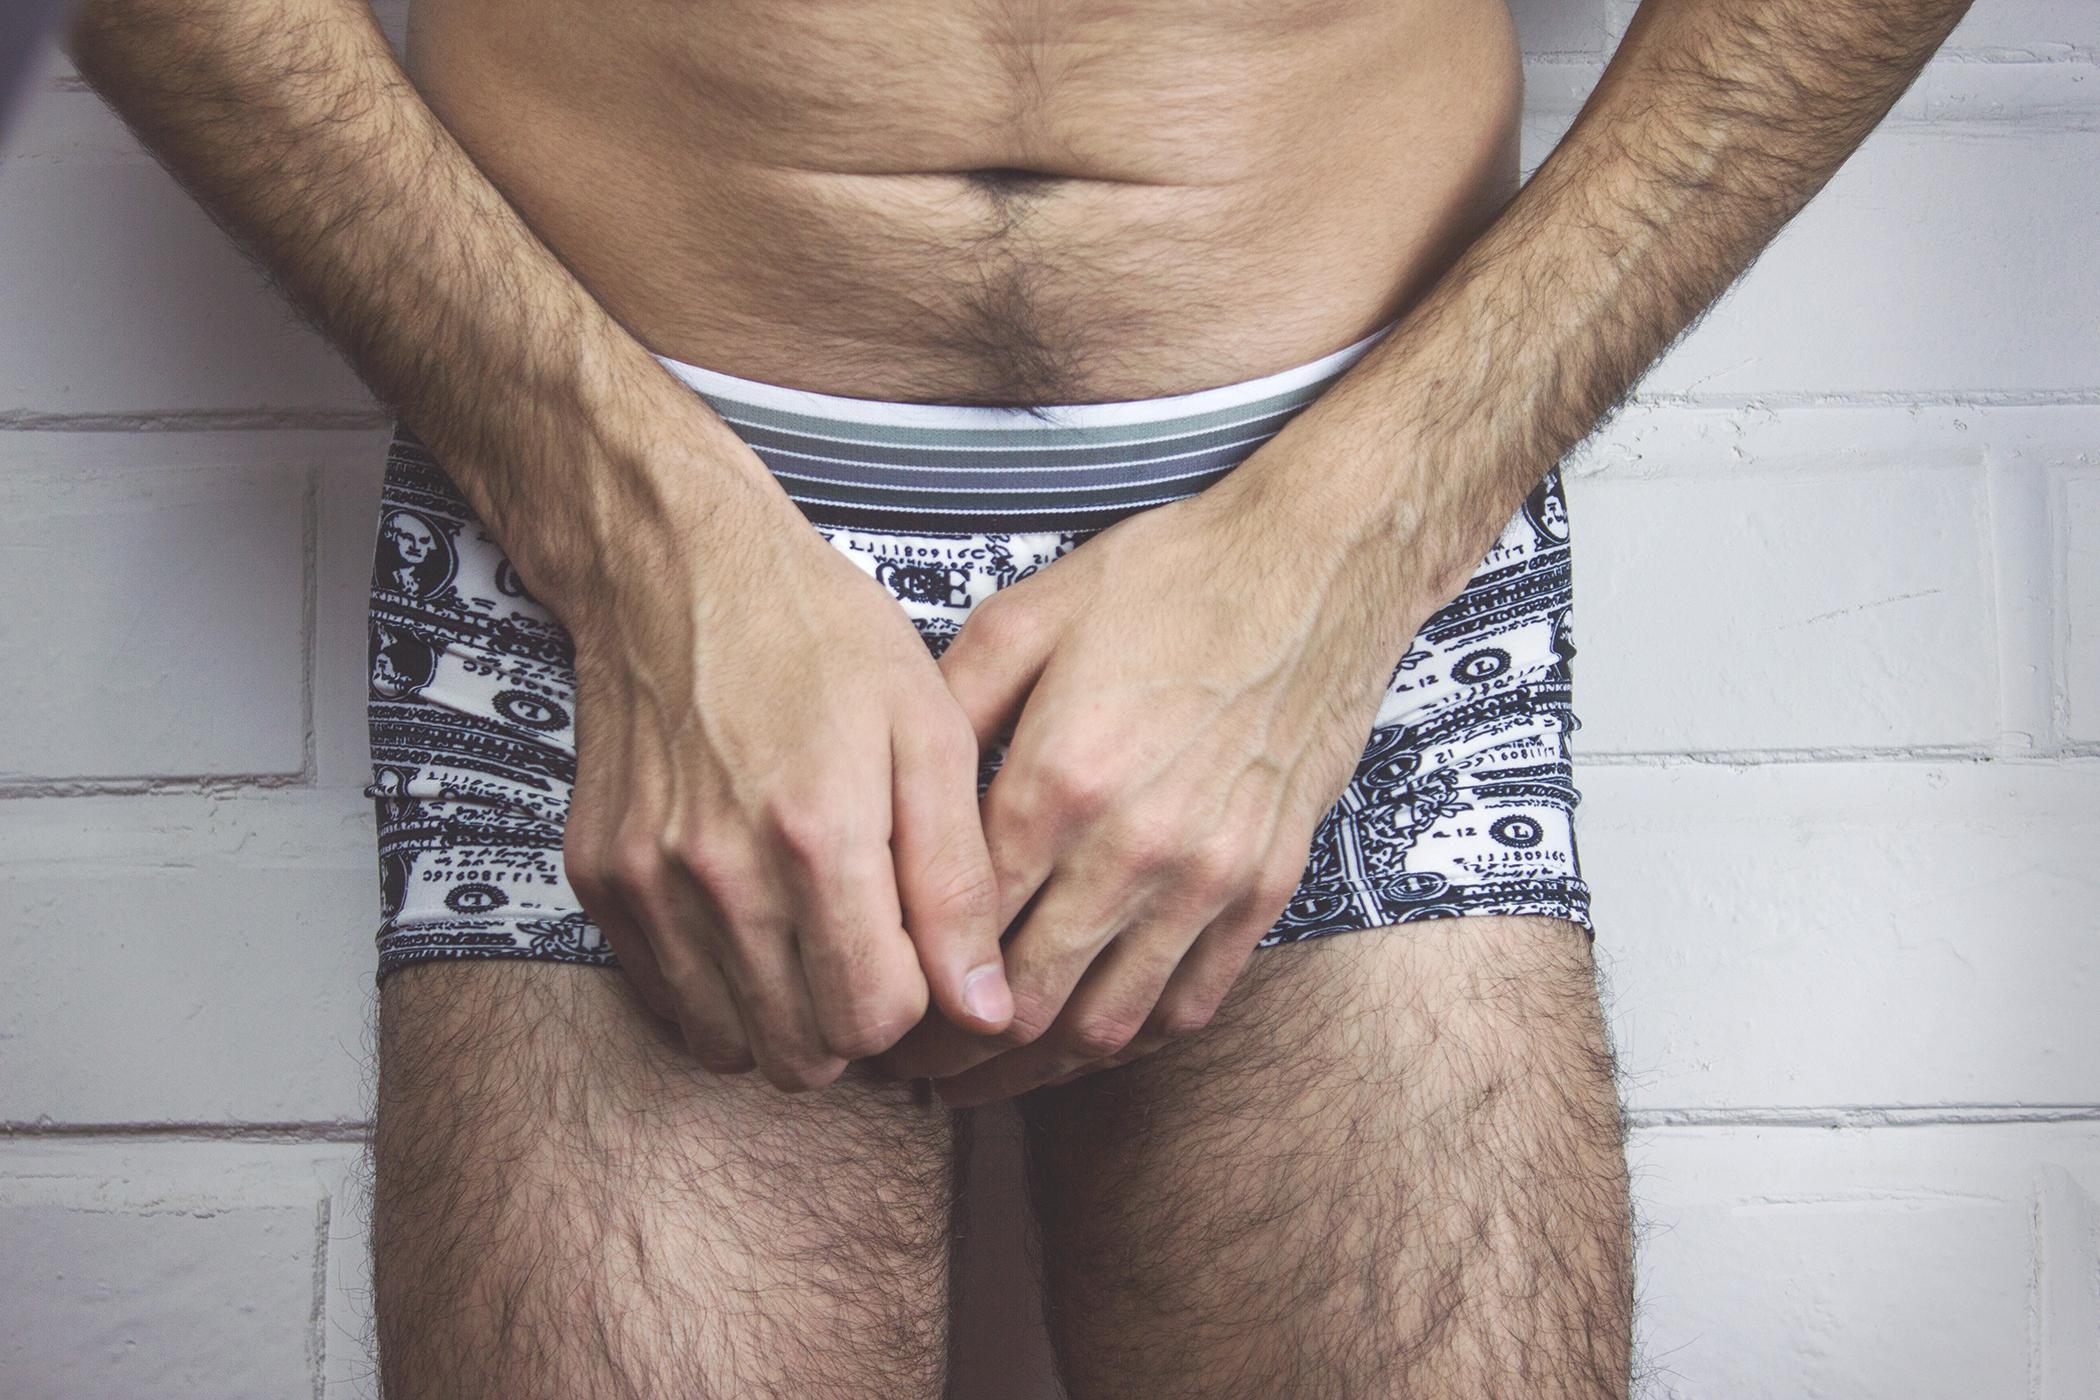 hogy a férfiaknak péniszük van